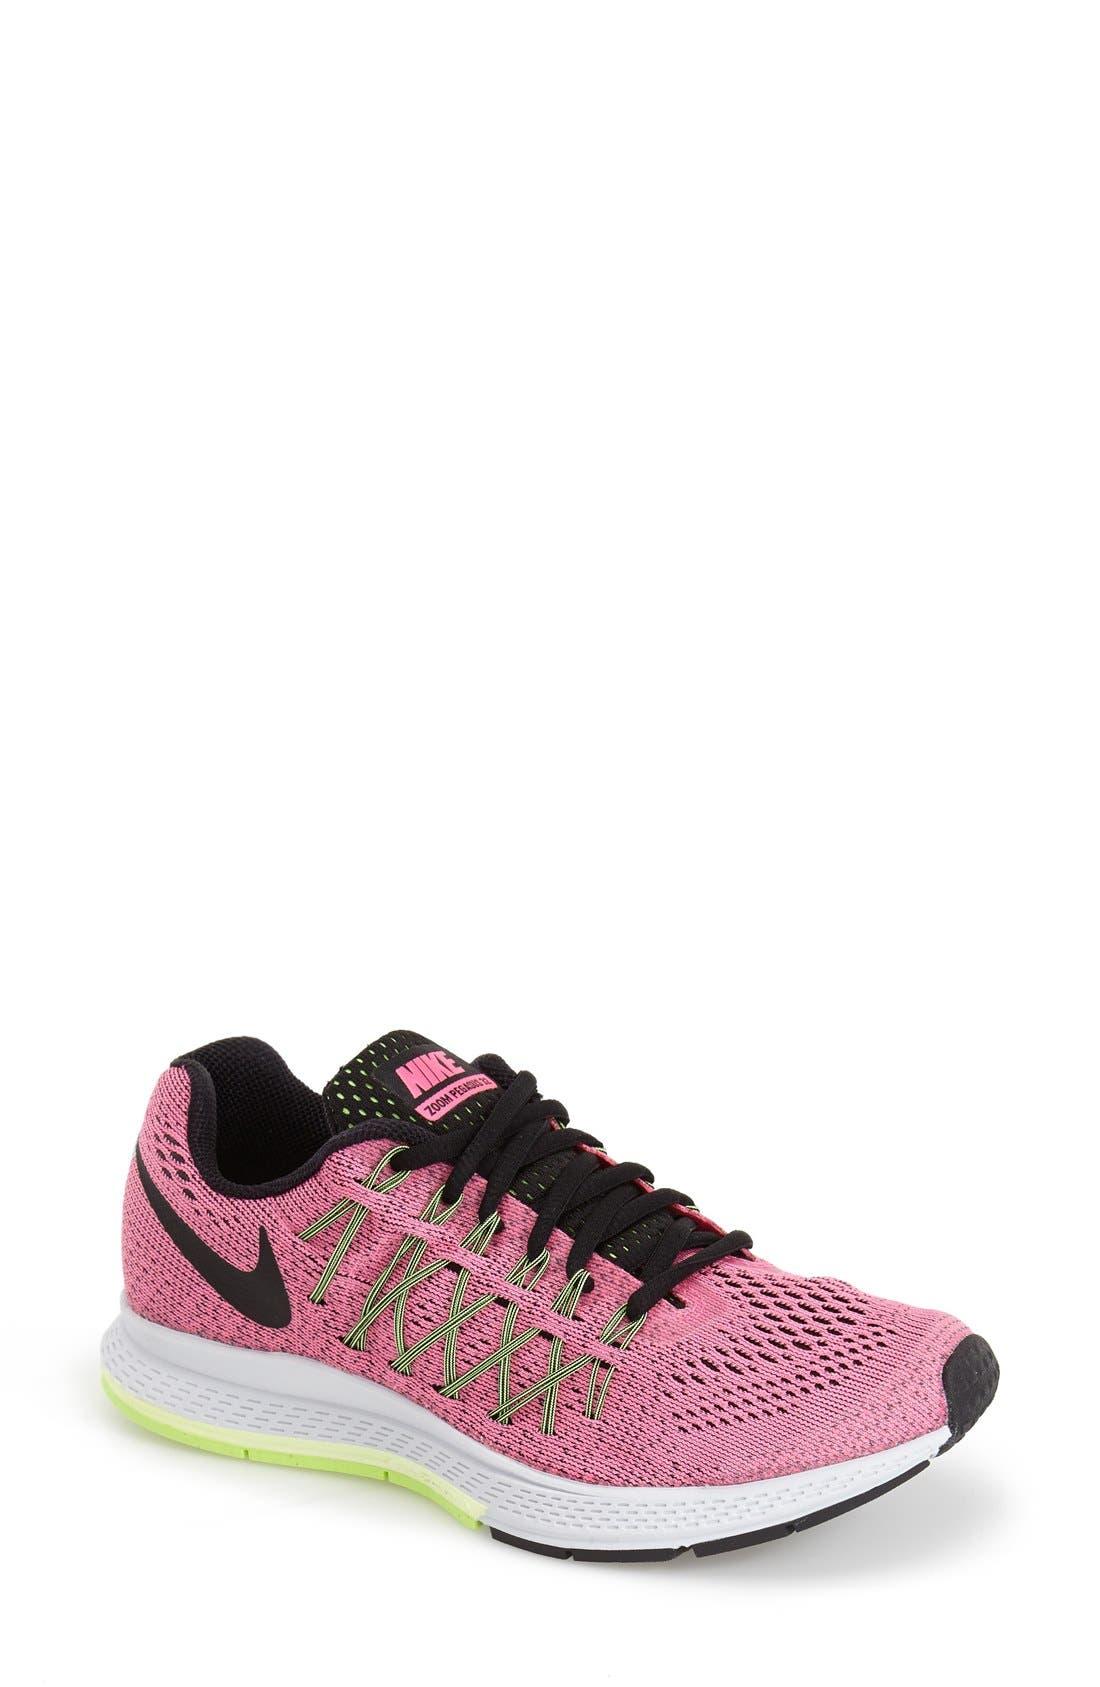 Alternate Image 1 Selected - Nike 'Zoom Pegasus 32' Running Shoe (Women)